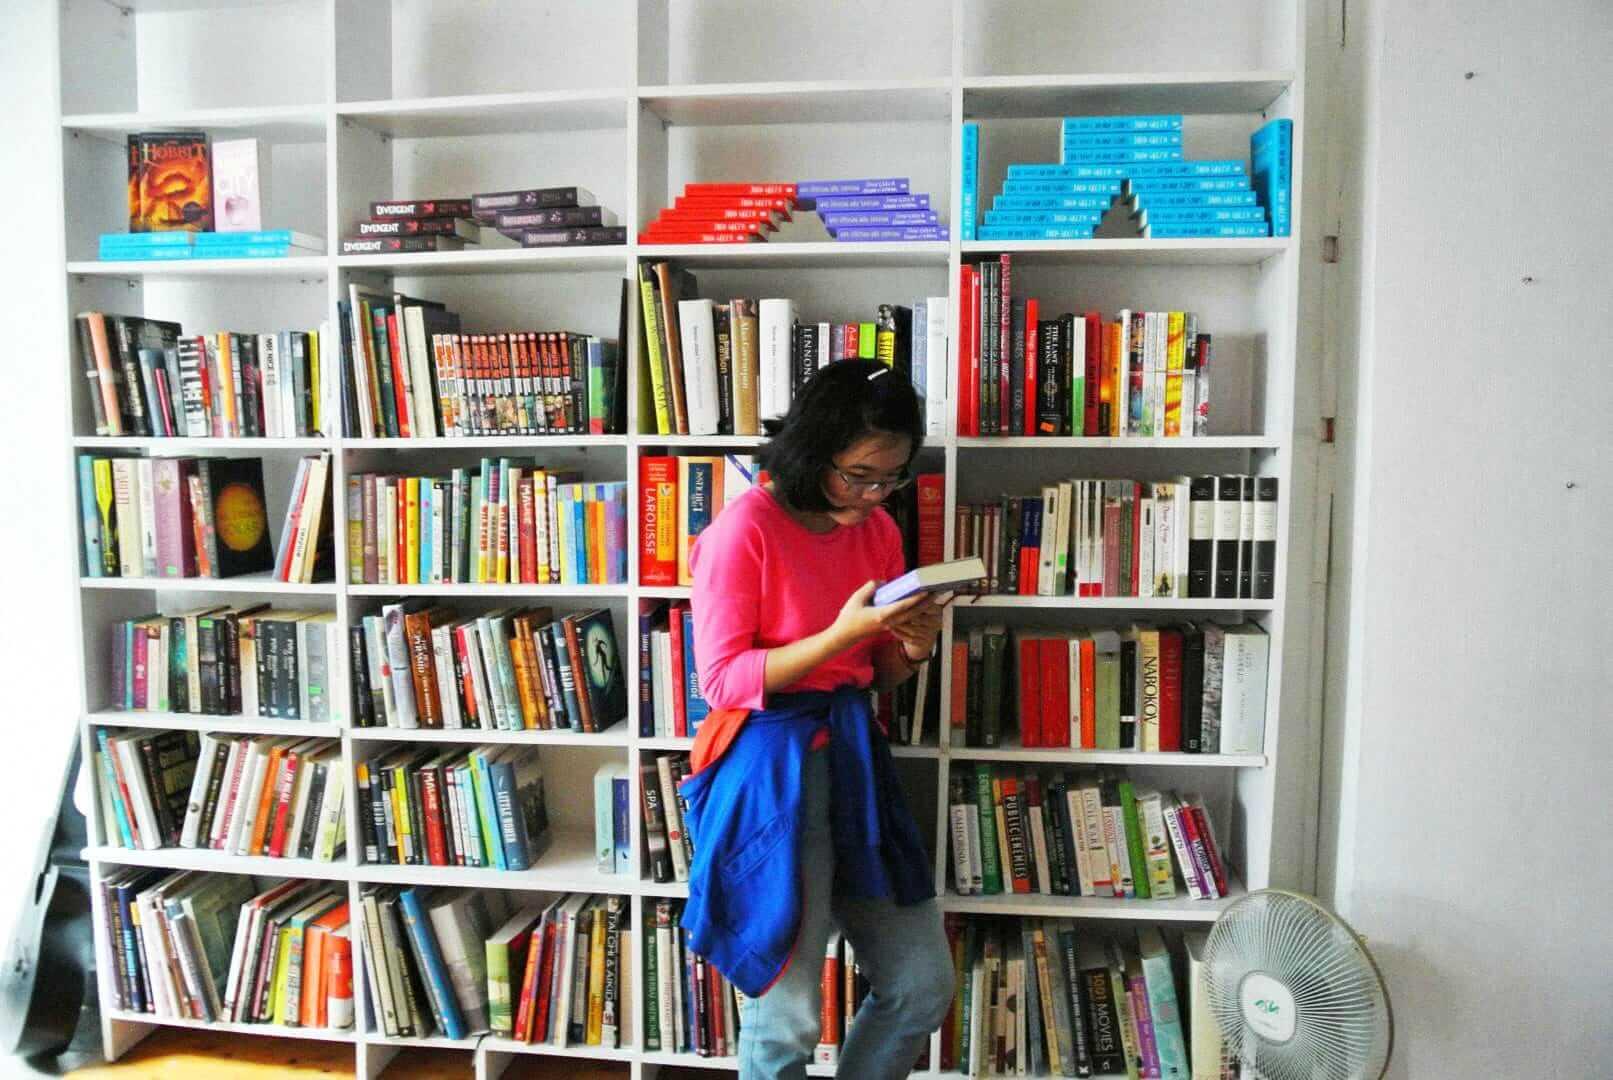 Книжный магазин BOA, Вьетнам, Хошимин. Источник: fb.com/BooksOfAwesome